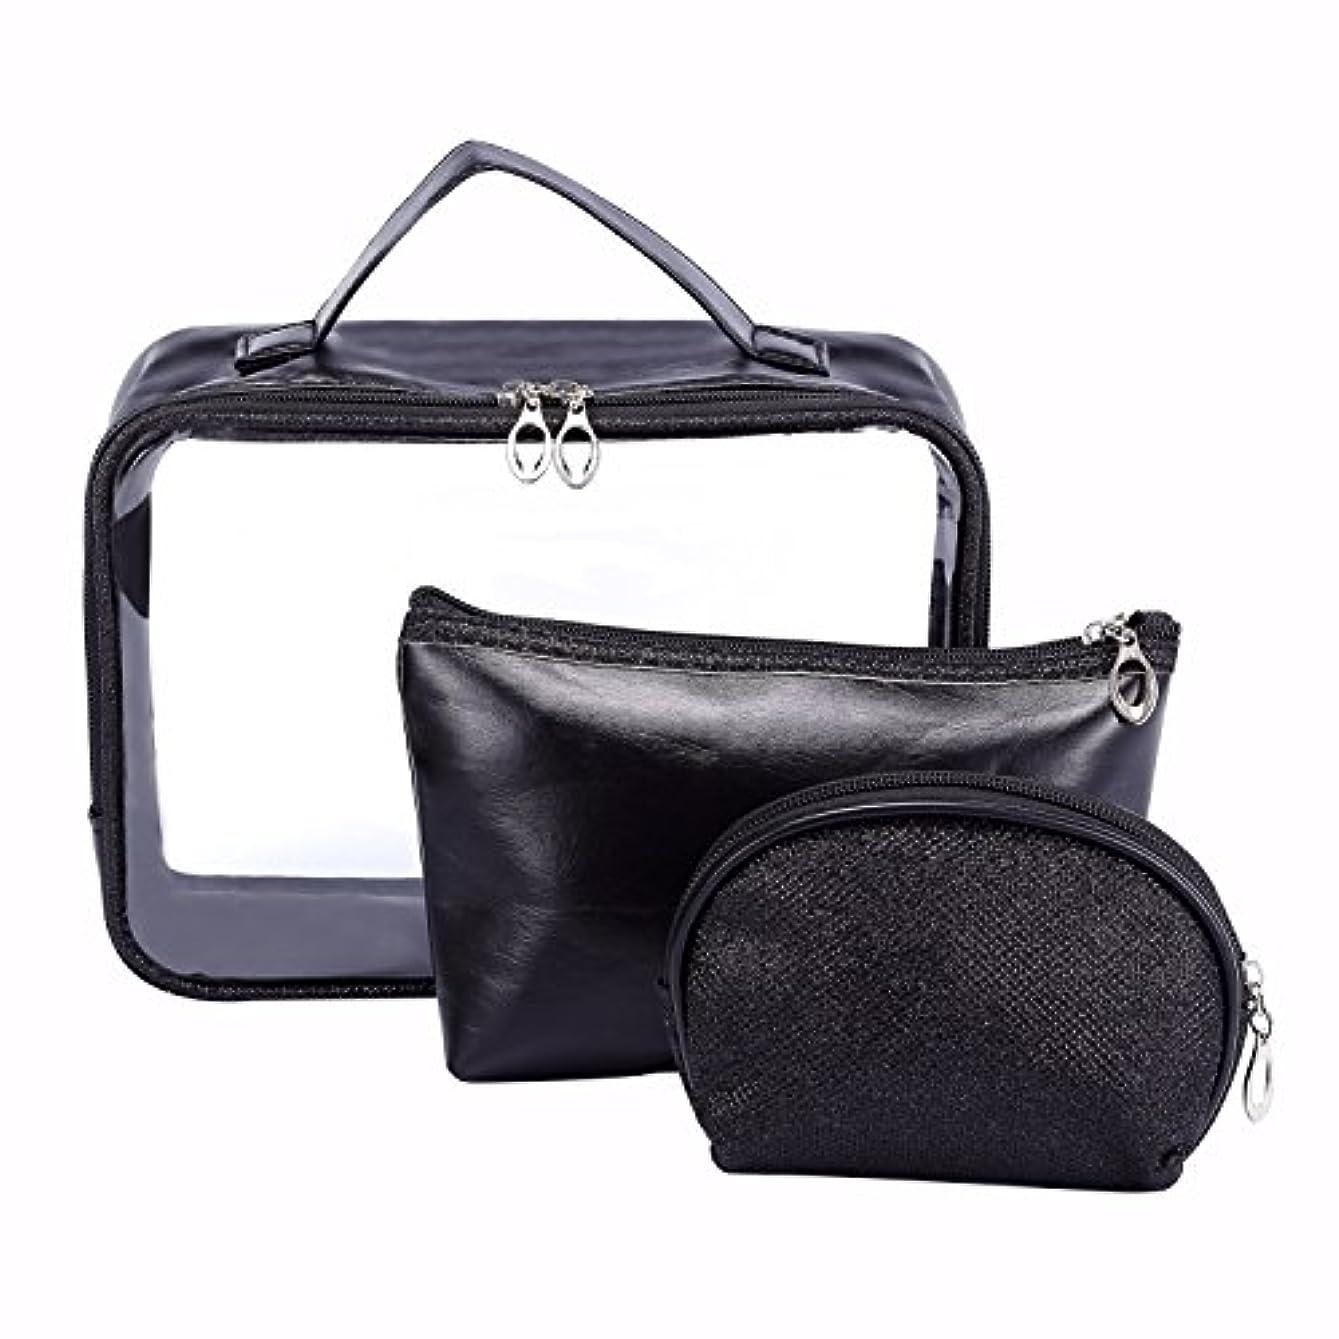 確認空気簡略化するHOYOFO ビニールポーチ 化粧ポーチ メイクバッグ バッグインバッグ 化粧品 収納 透明 雑貨 小物入れ 持ち運び可 超軽 防水 旅行 3点セット ブラック